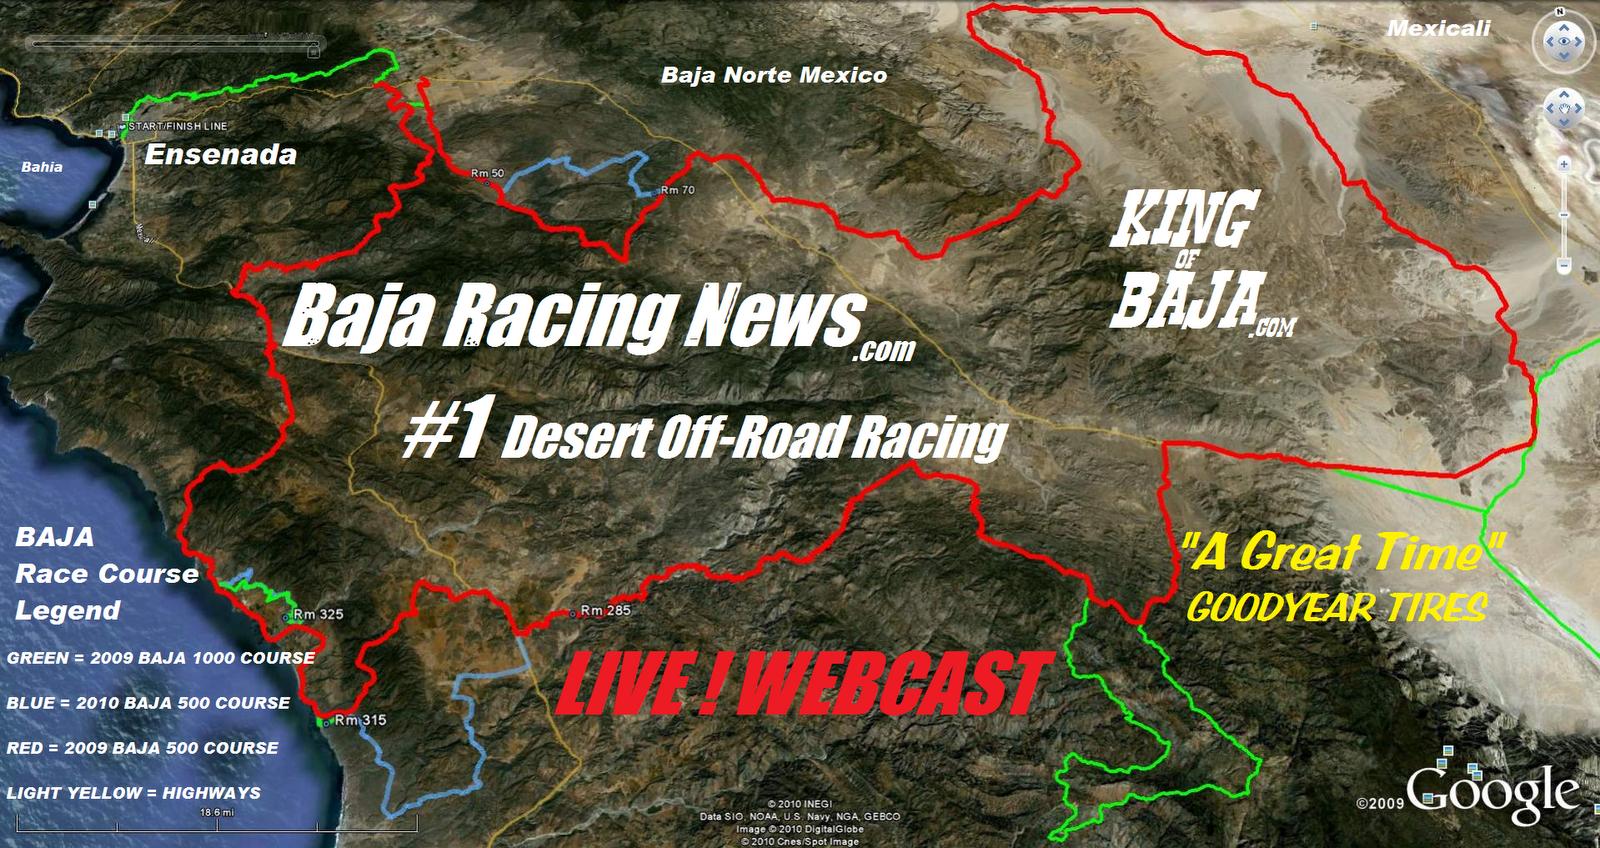 Baja+Racing+News+Baja+Race+Course+Map+Racing+Results+2010.png